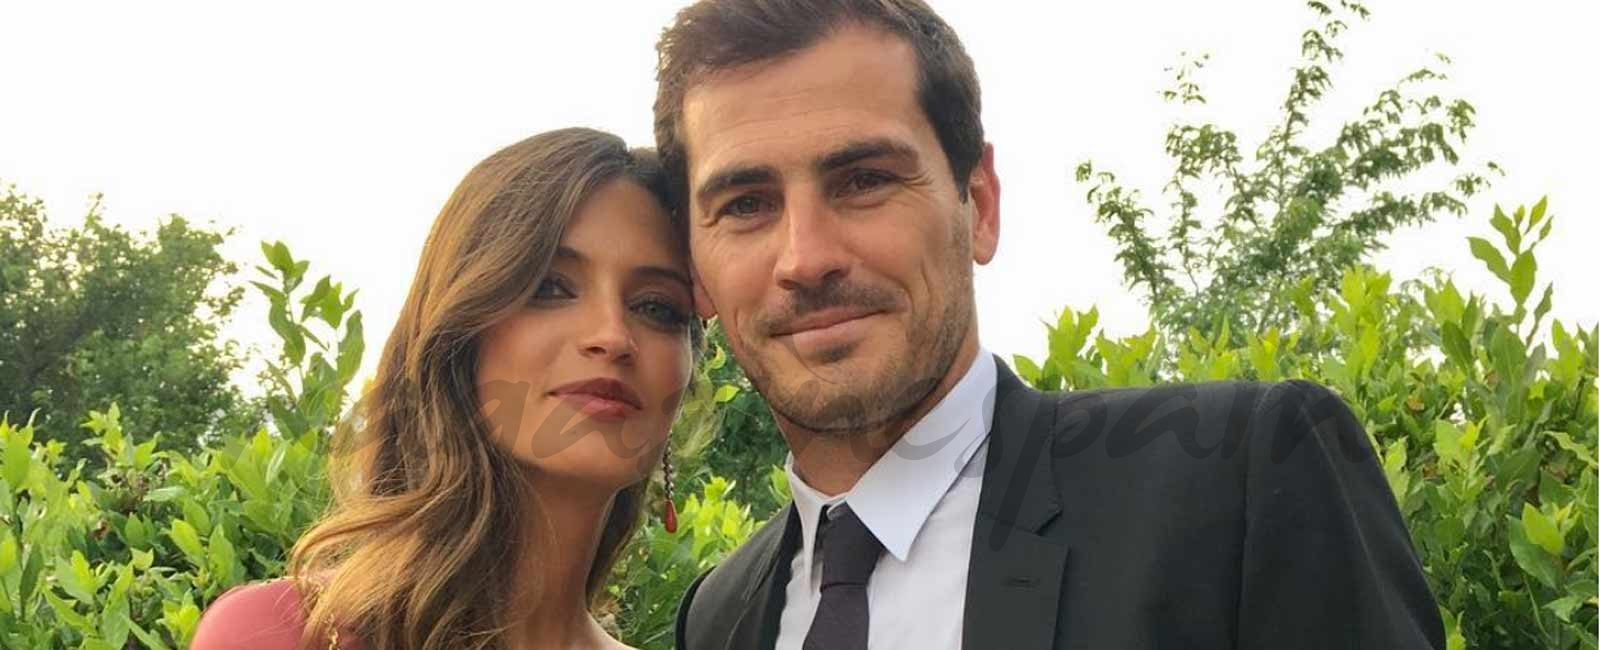 El mágico viaje de Iker Casillas y Sara Carbonero